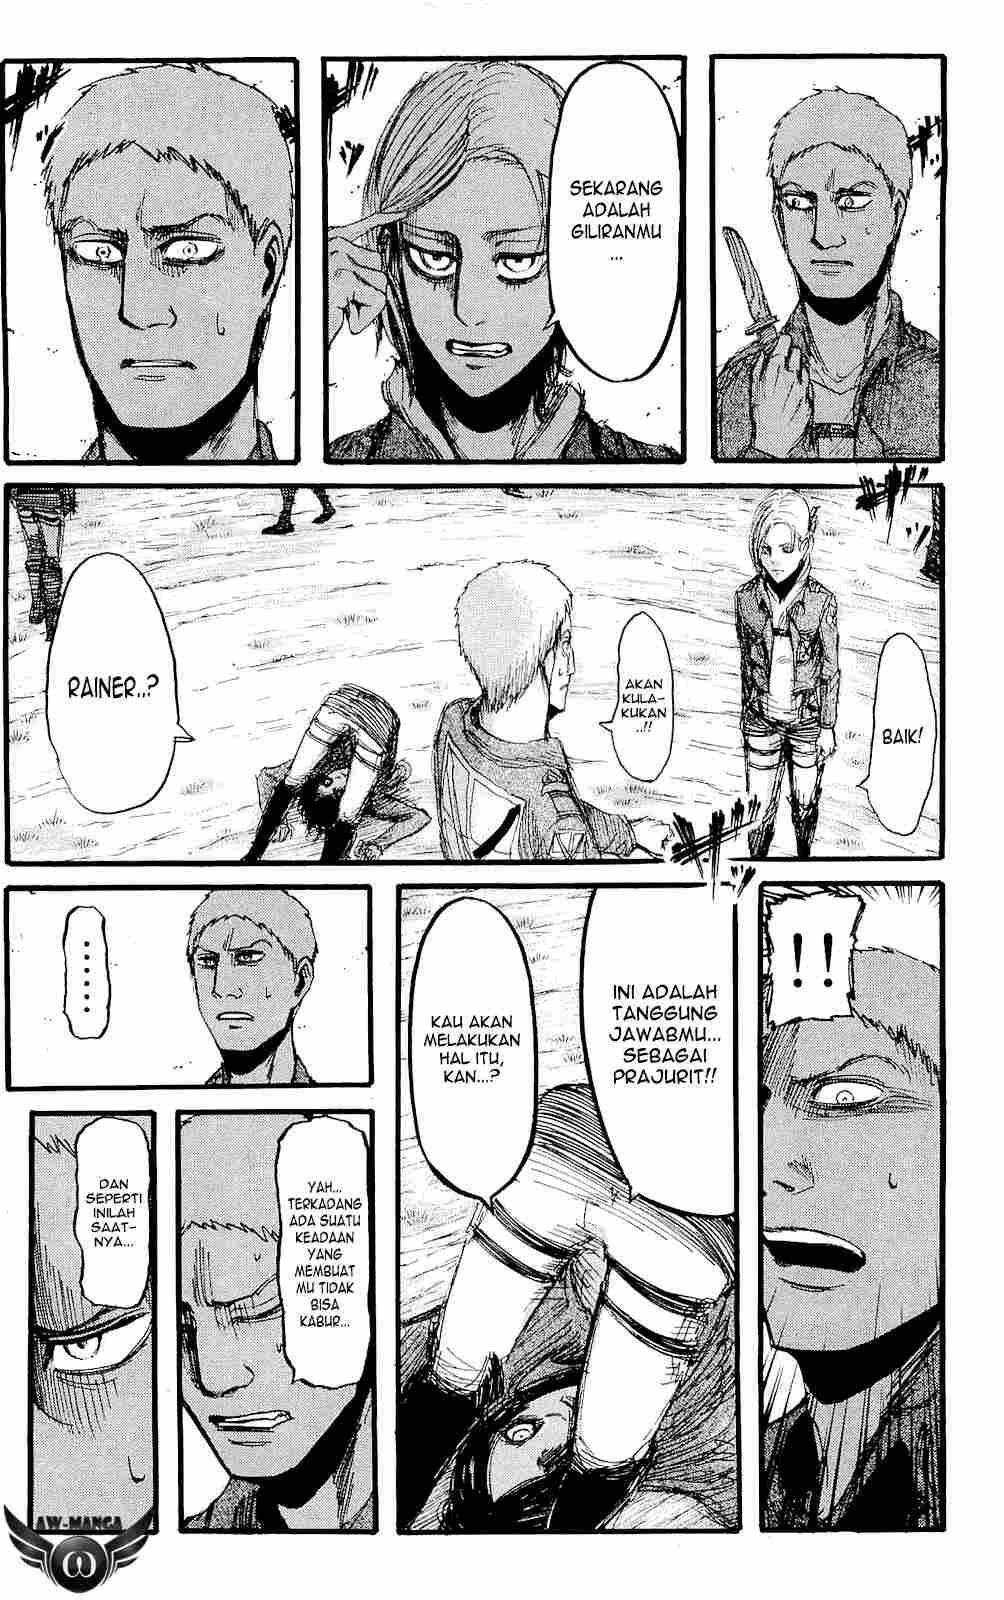 Komik shingeki no kyojin 017 - ilusi dari kekuatan 18 Indonesia shingeki no kyojin 017 - ilusi dari kekuatan Terbaru 16|Baca Manga Komik Indonesia|